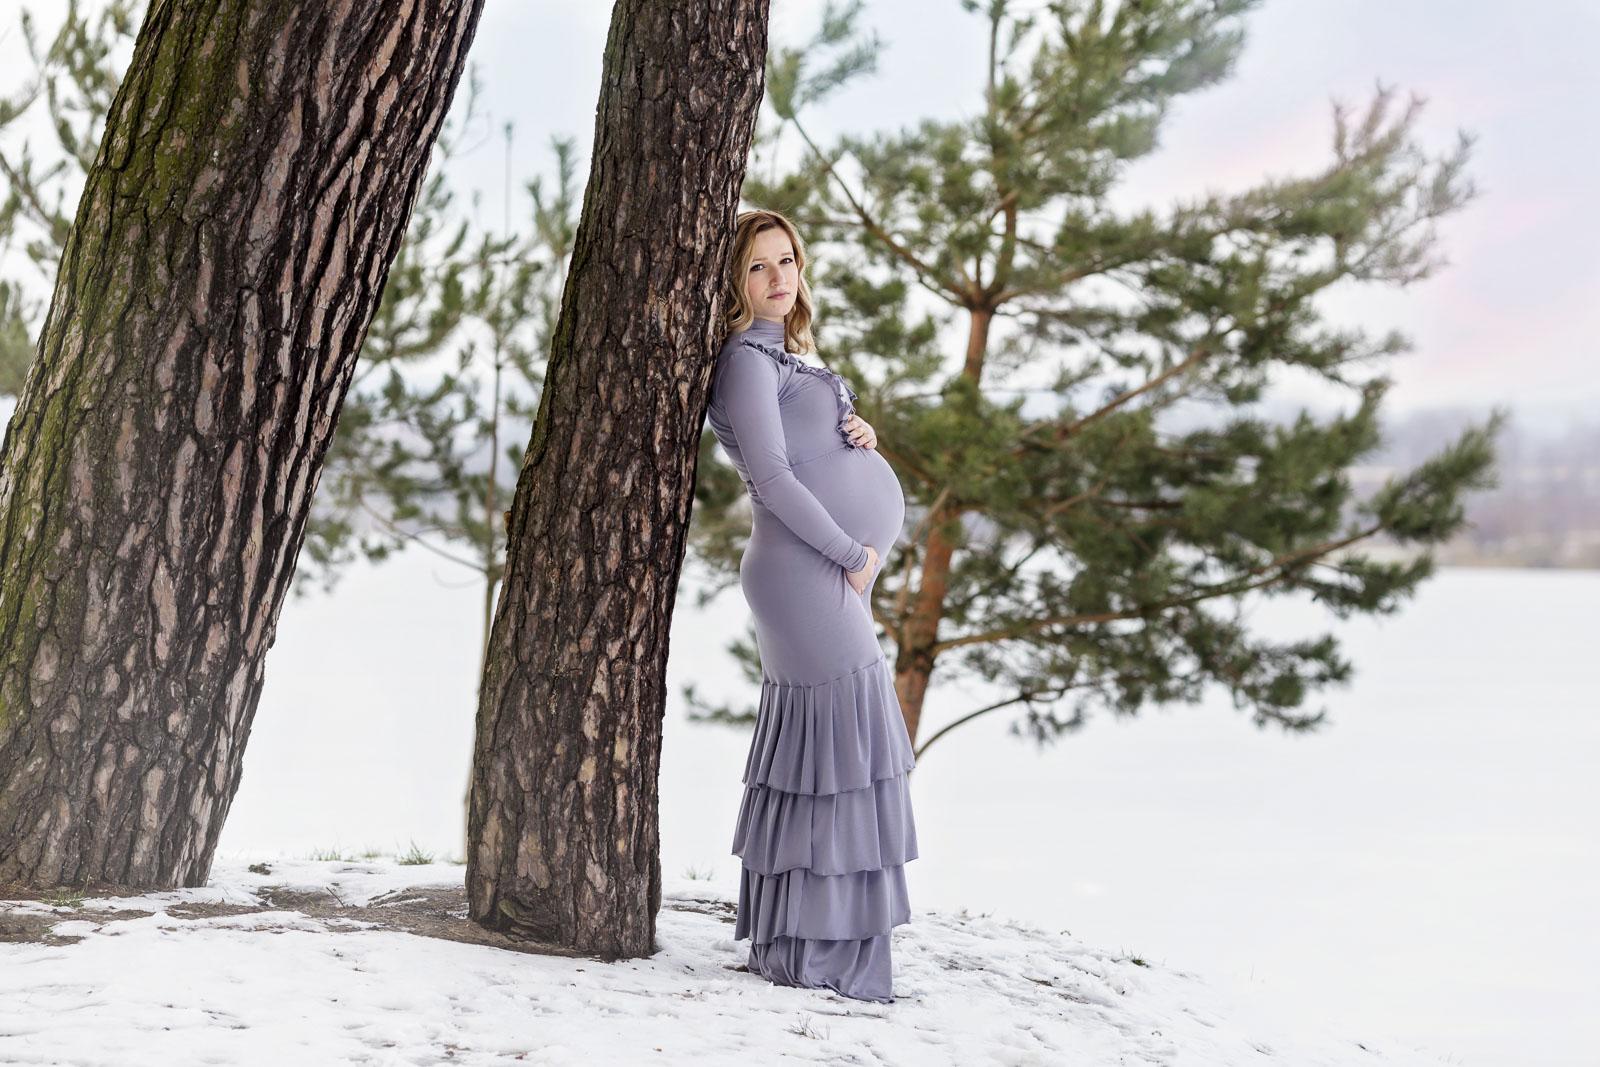 ciążowa 16